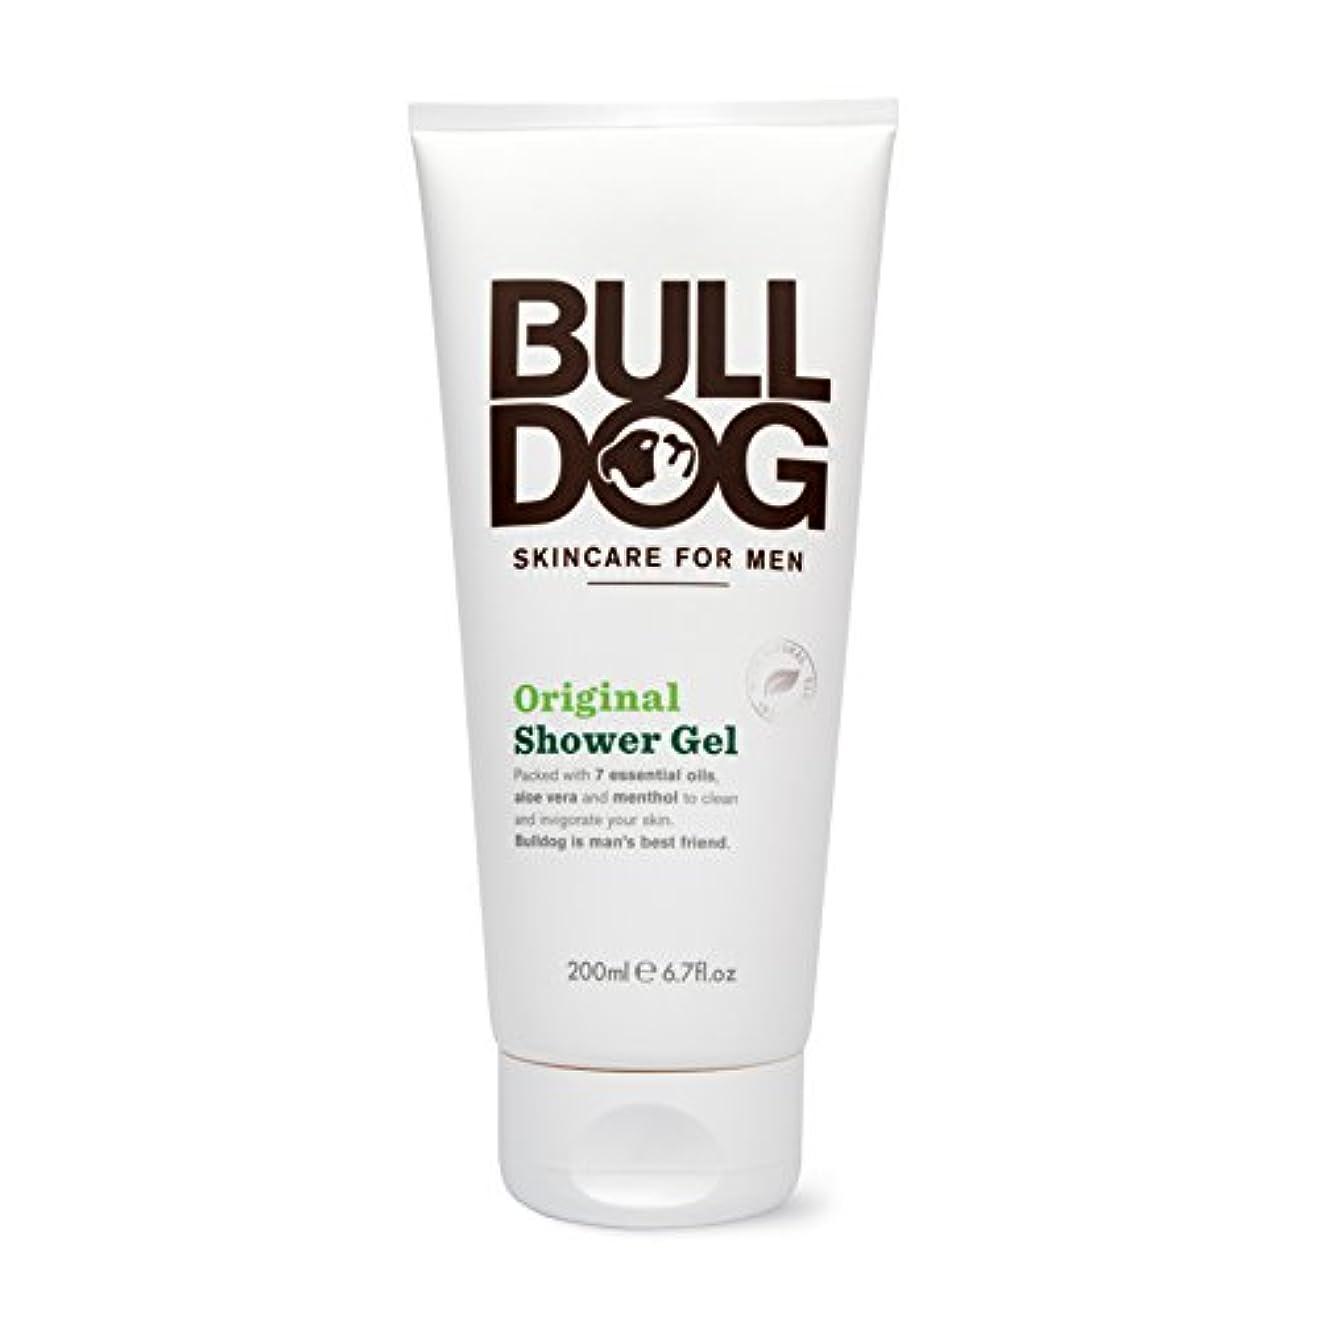 苦しむ王女レイブルドッグ Bulldog オリジナル シャワージェル(ボディ用洗浄料) 200mL